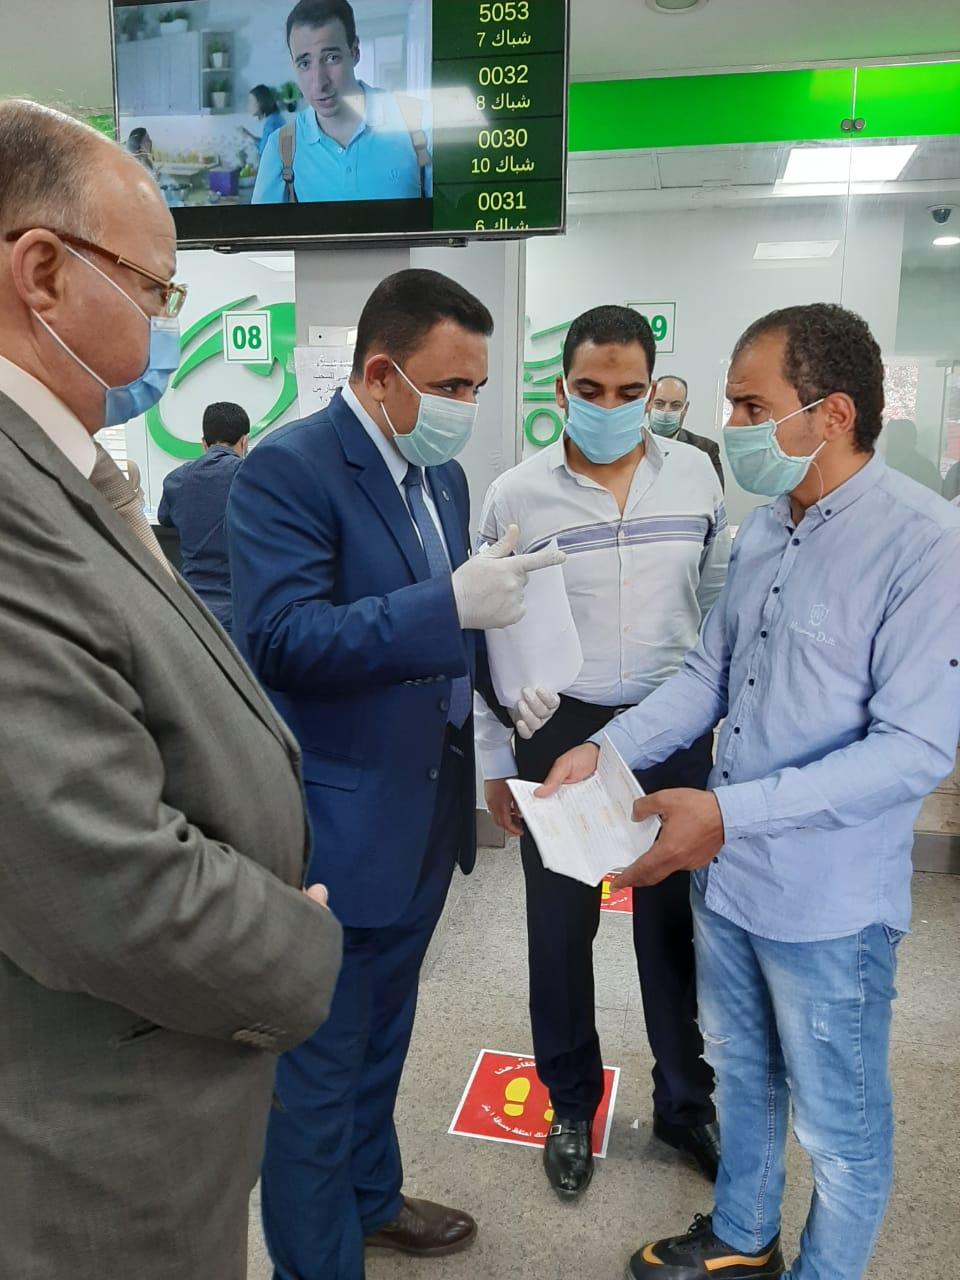 اللواء خالد عبد العال محافظ القاهرة يتفقد مكتب بريد العباسية (4)